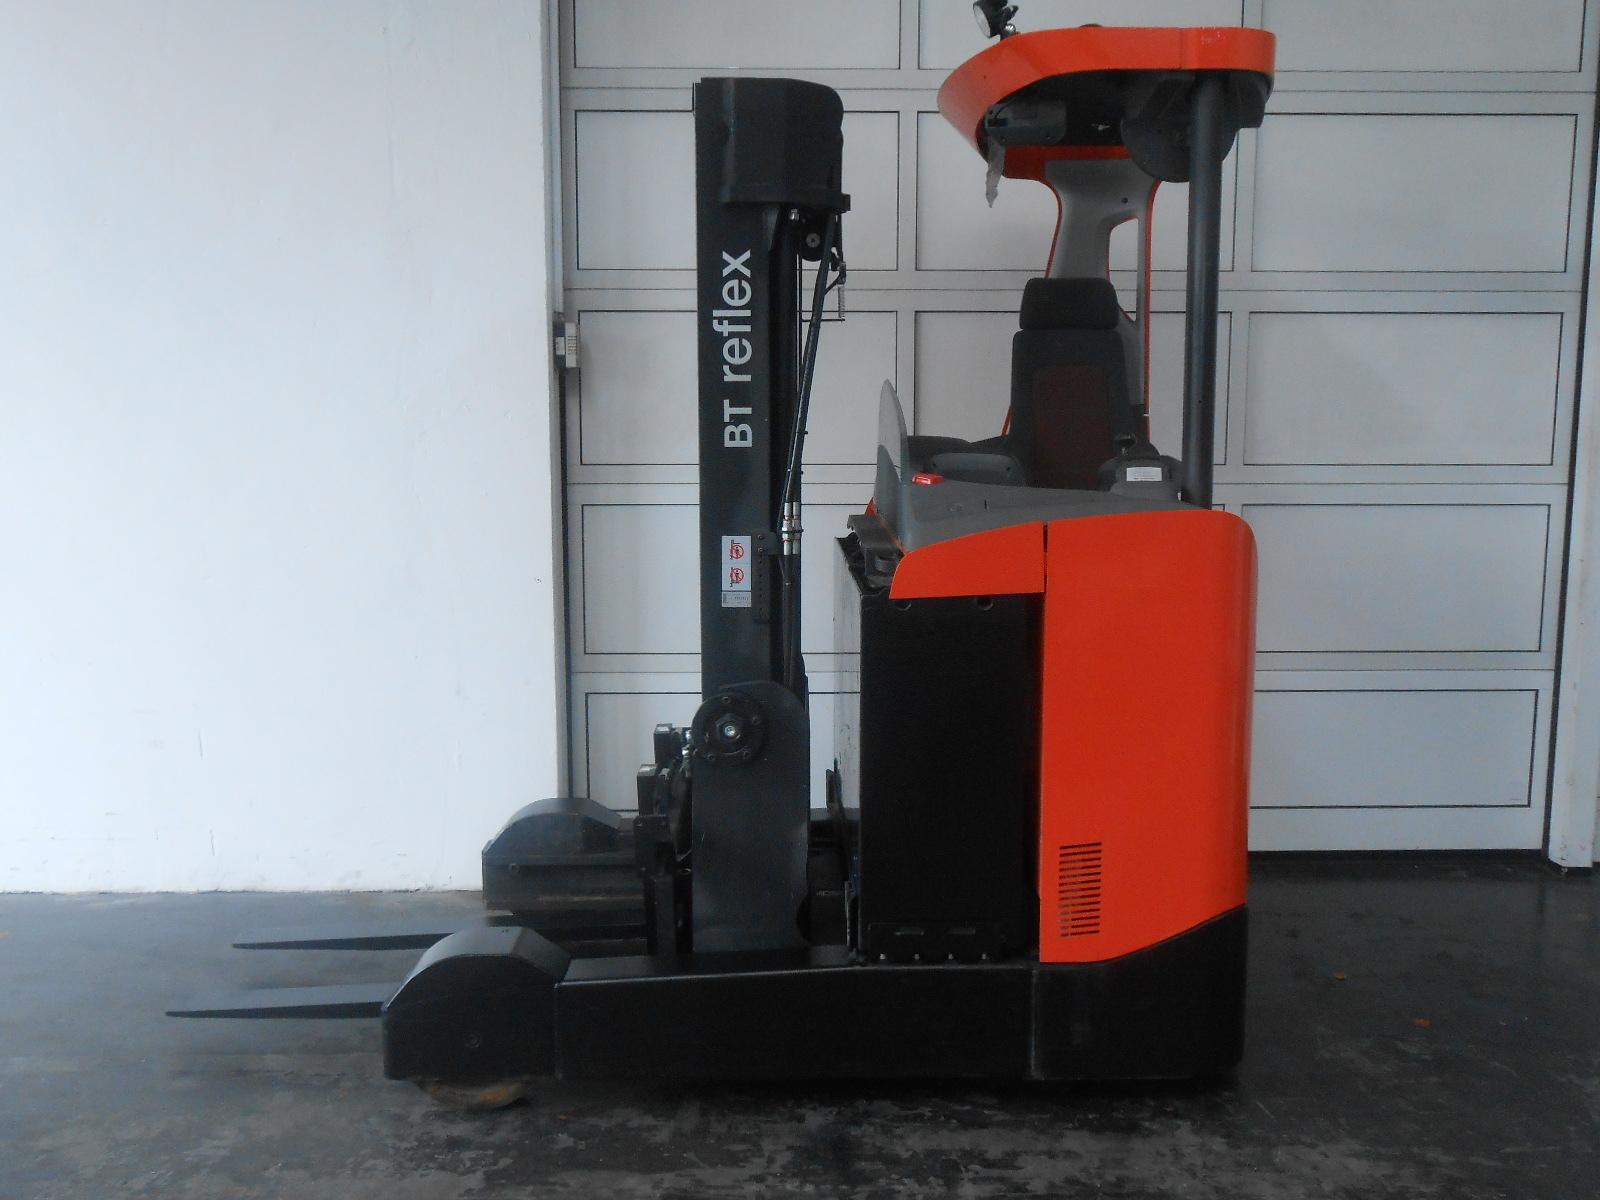 Toyota-Gabelstapler-59840 1505026753 1 21